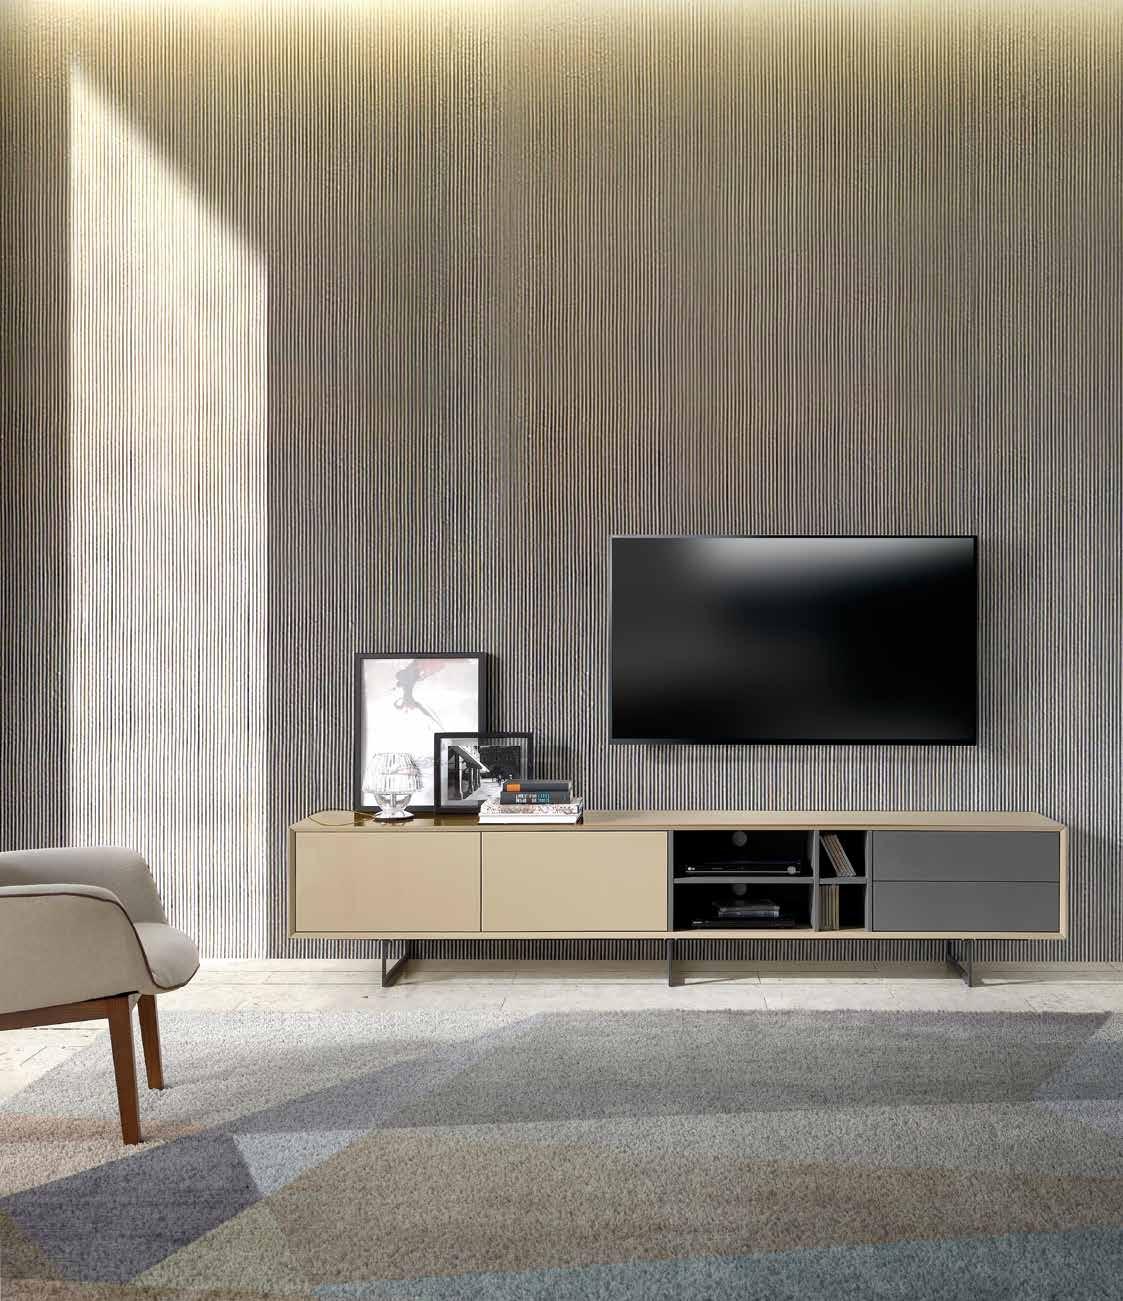 MESA DE TV DANUBIO - MESA DE TV DANUBIO, Aparador de tres puertas y compartimento de dos gabetas, acabado en MDF lacado en dos colores: gris y moka alto brillo.